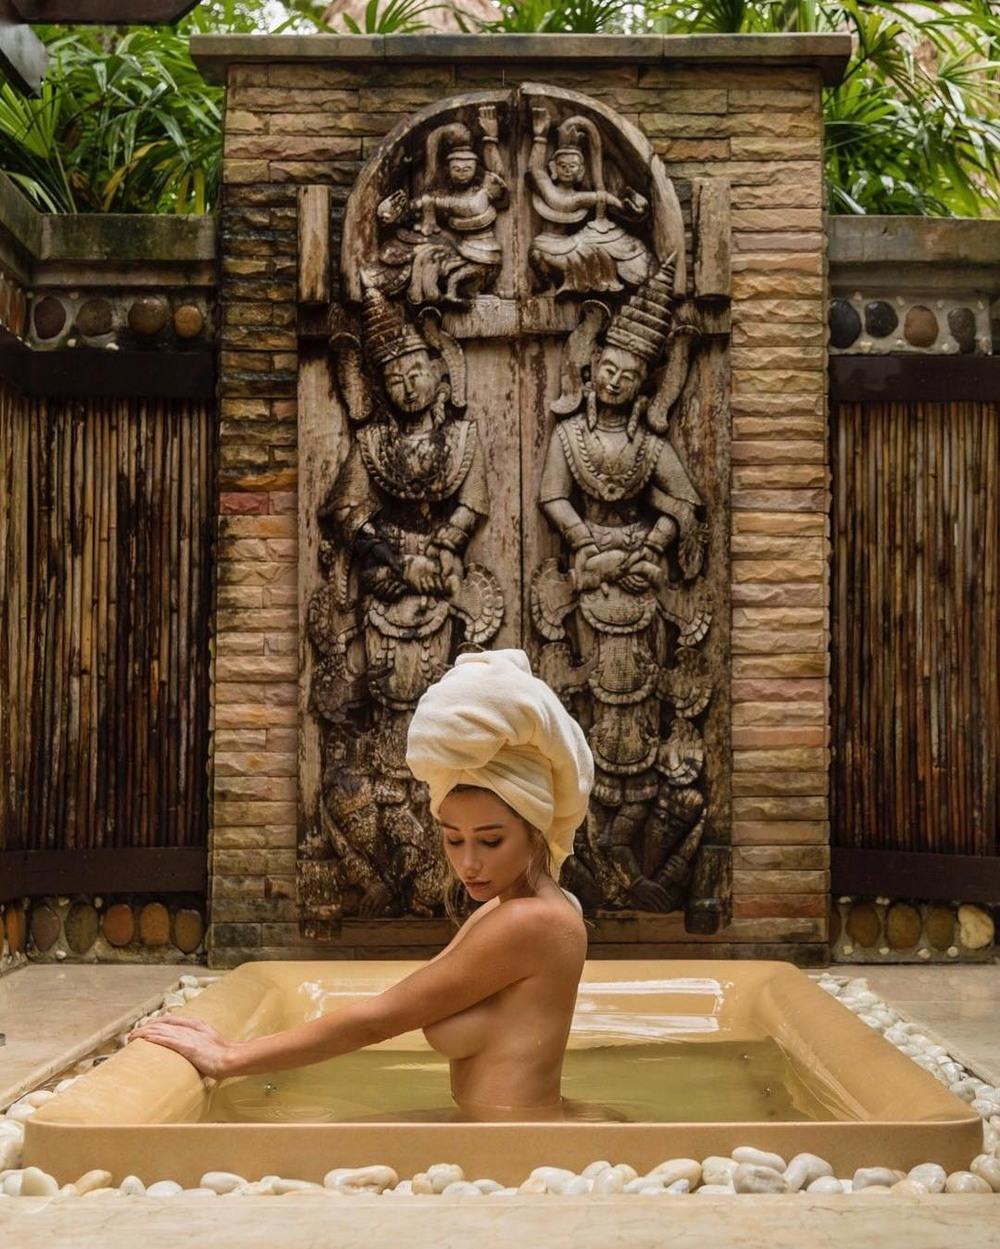 Откровенные фото Сары Андервуд 33летняя, американская, фотомодель, актриса, Андервуд, Underwood, откровенных, социальных, сетей, других